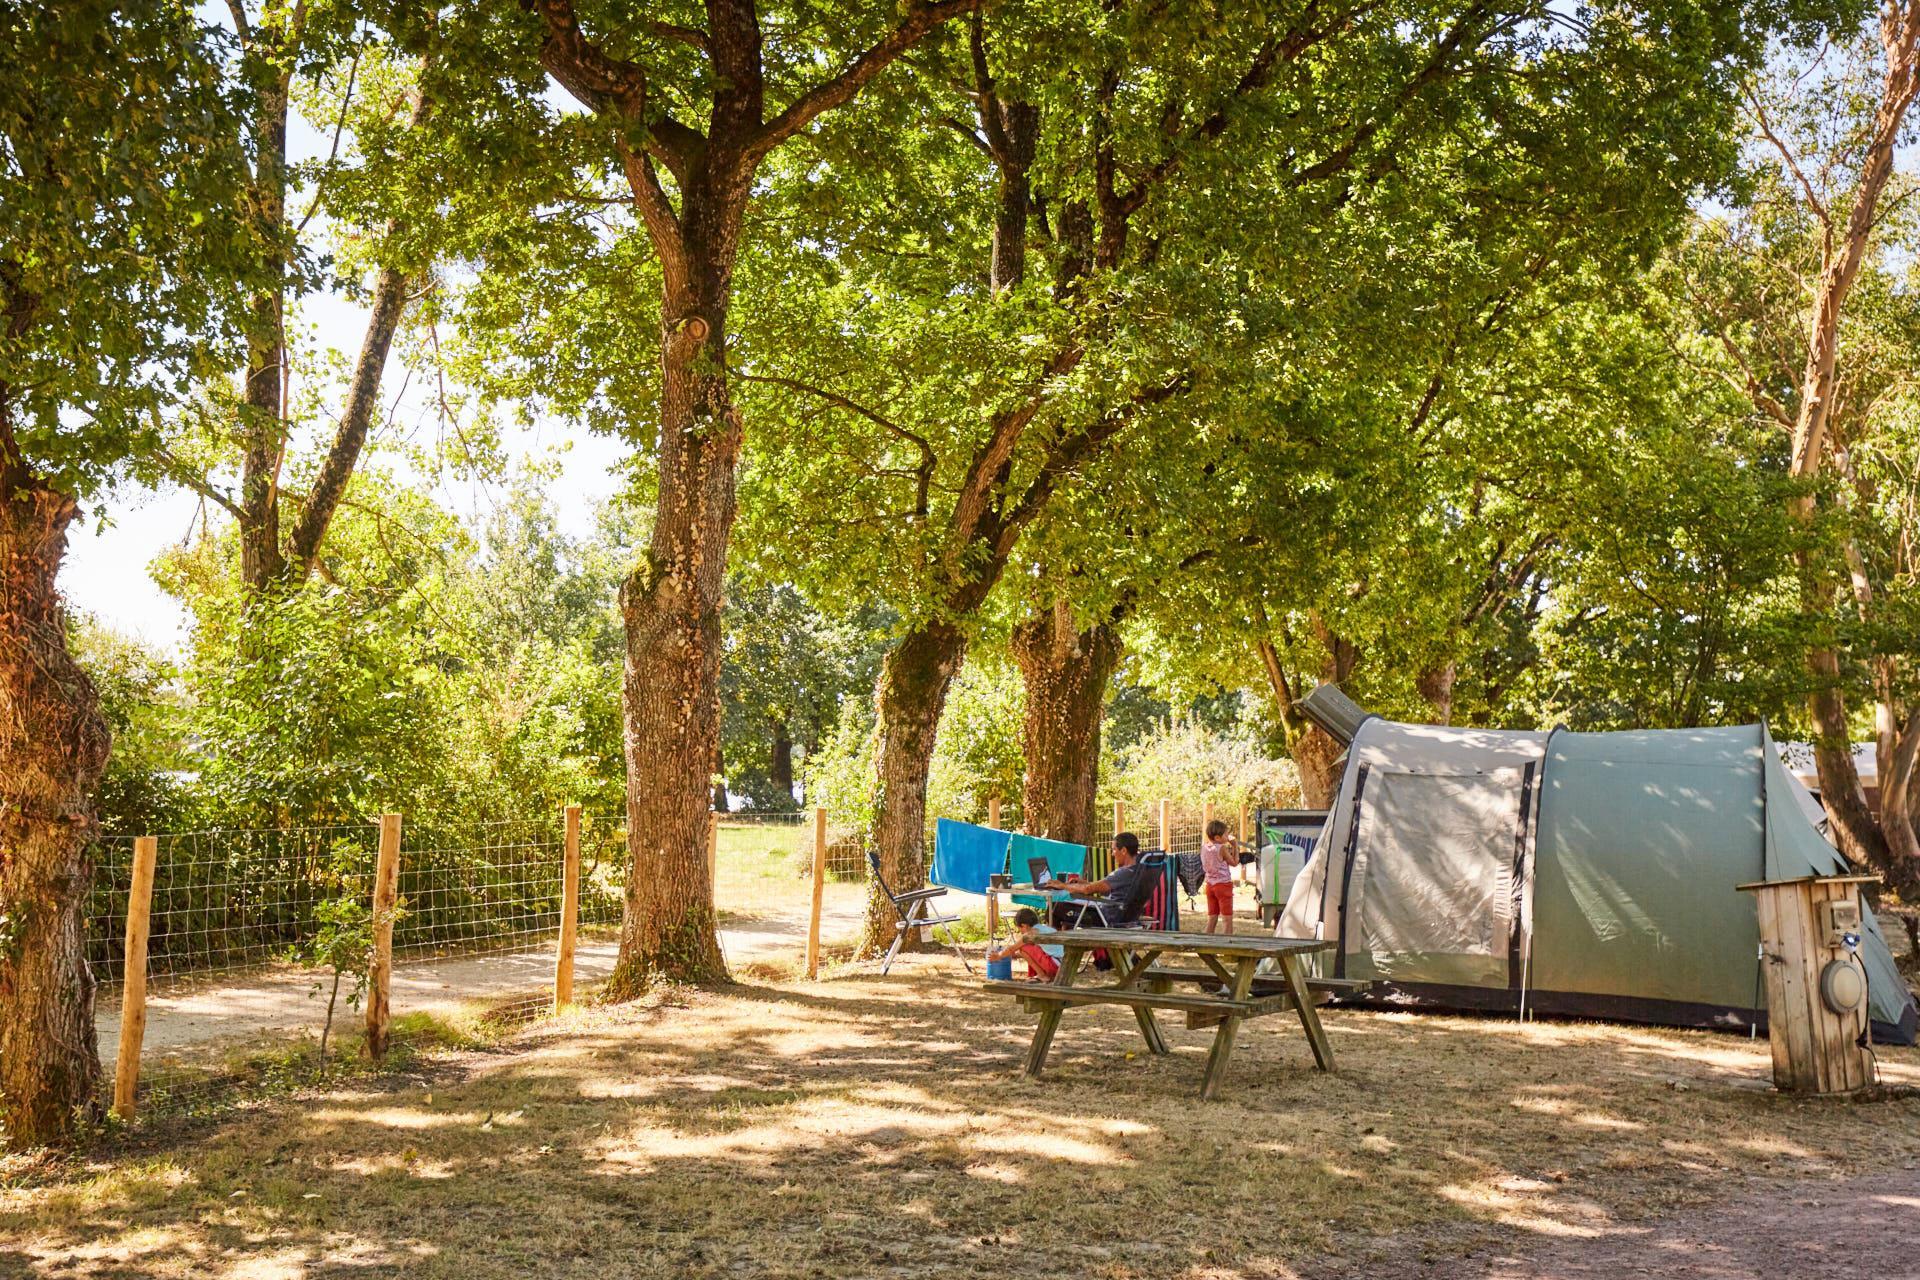 Emplacement - Forfait Privilège (1 Tente, Caravane Ou Camping-Car / 1 Voiture / Électricité 16A). Grand Emplacement Avec Vue Sur Lac - Camping Du Lac de la Chausselière